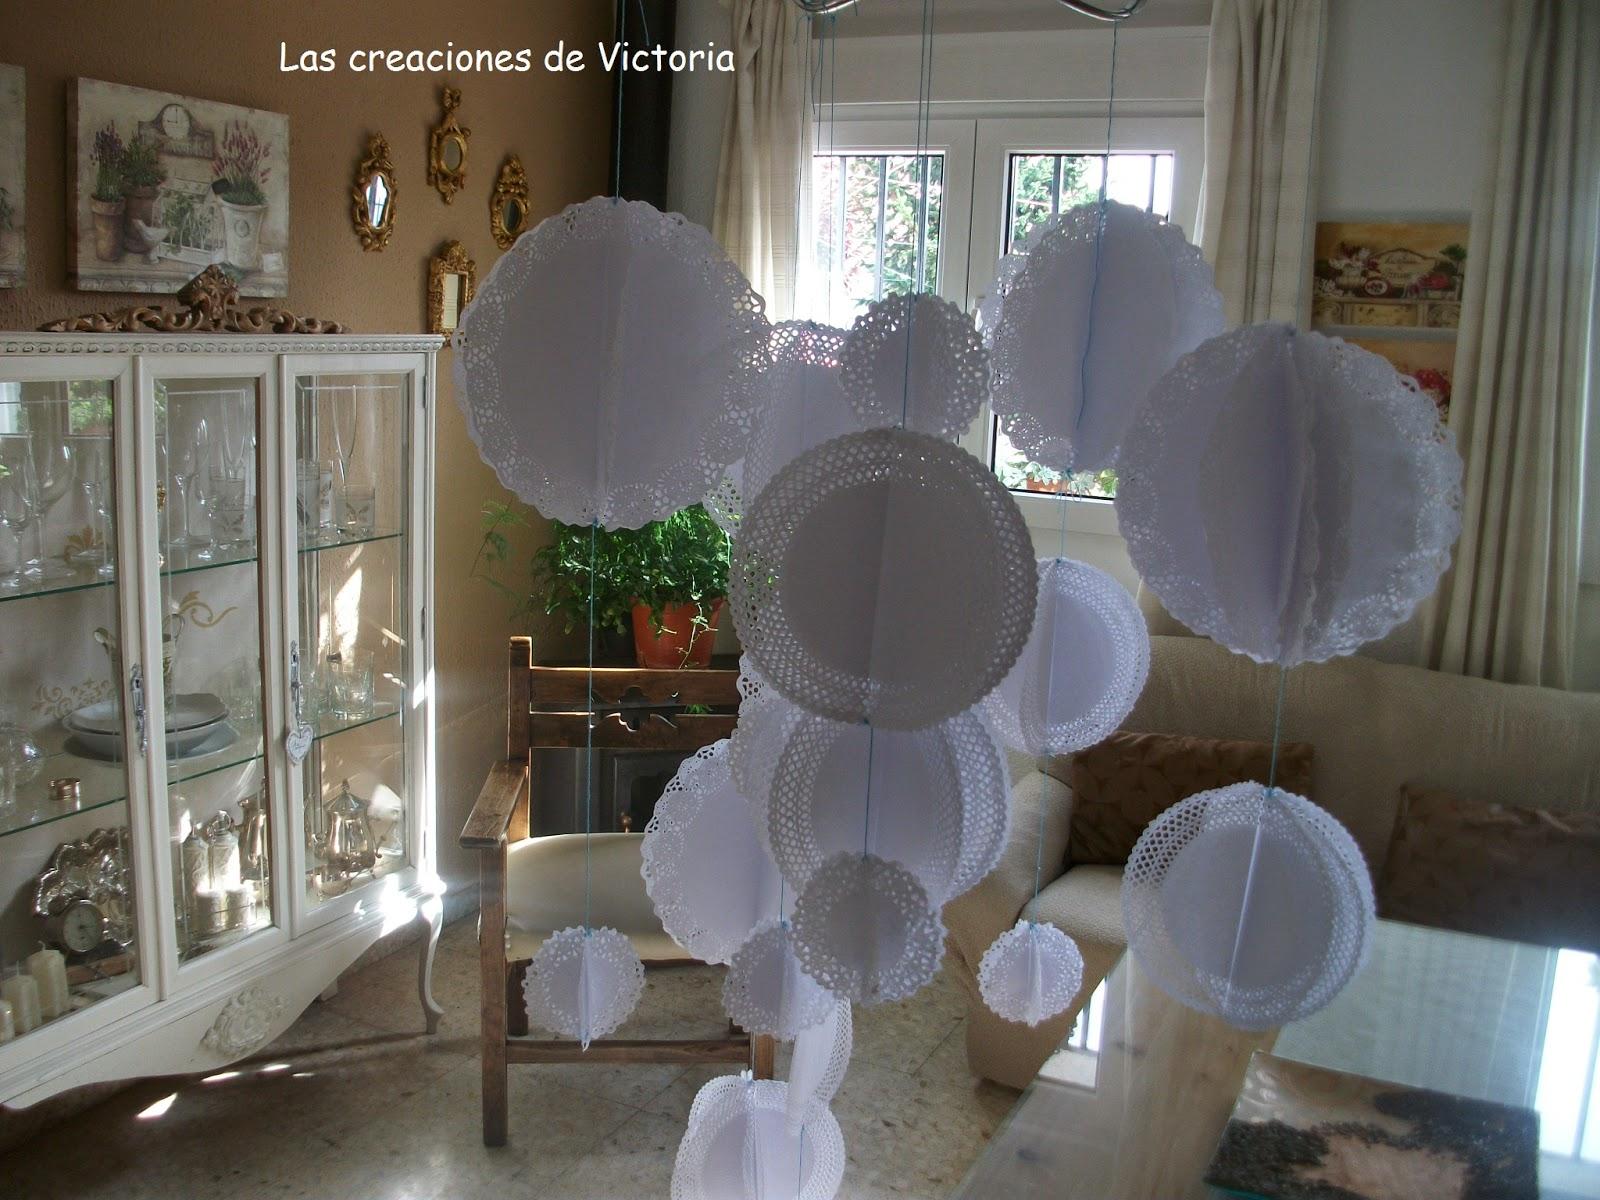 Las creaciones de Victoria.Decoración con blondas de papel.